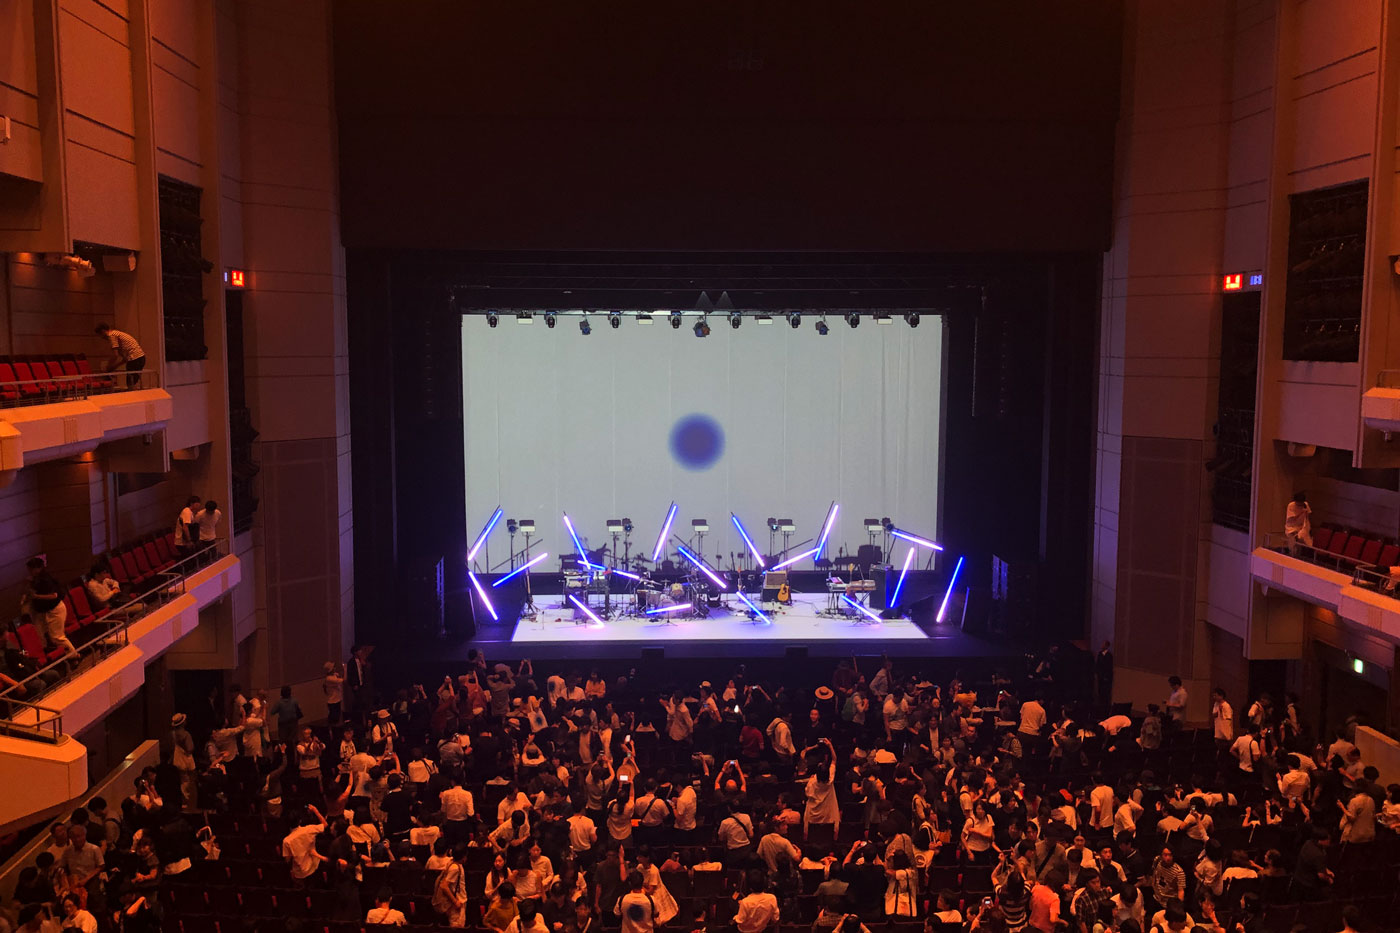 Cornelius Performs Point @ オーチャードホール